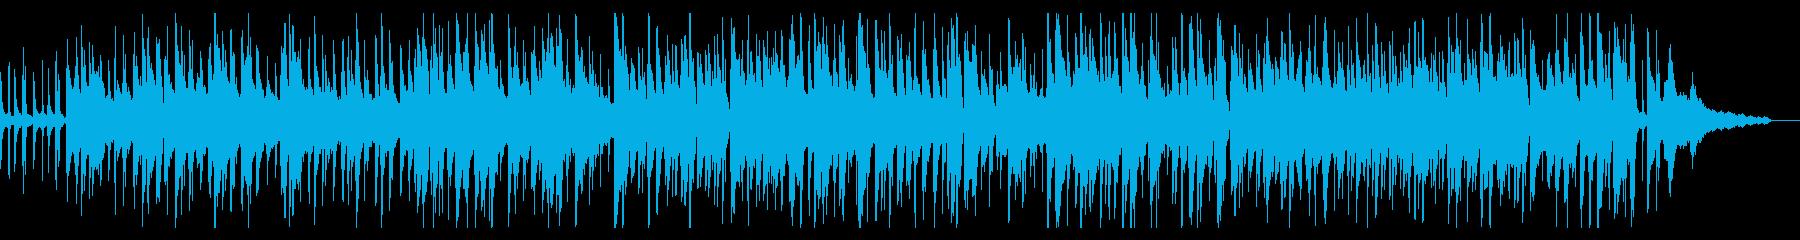 大人ののんびり、ほのぼのなBGM2の再生済みの波形